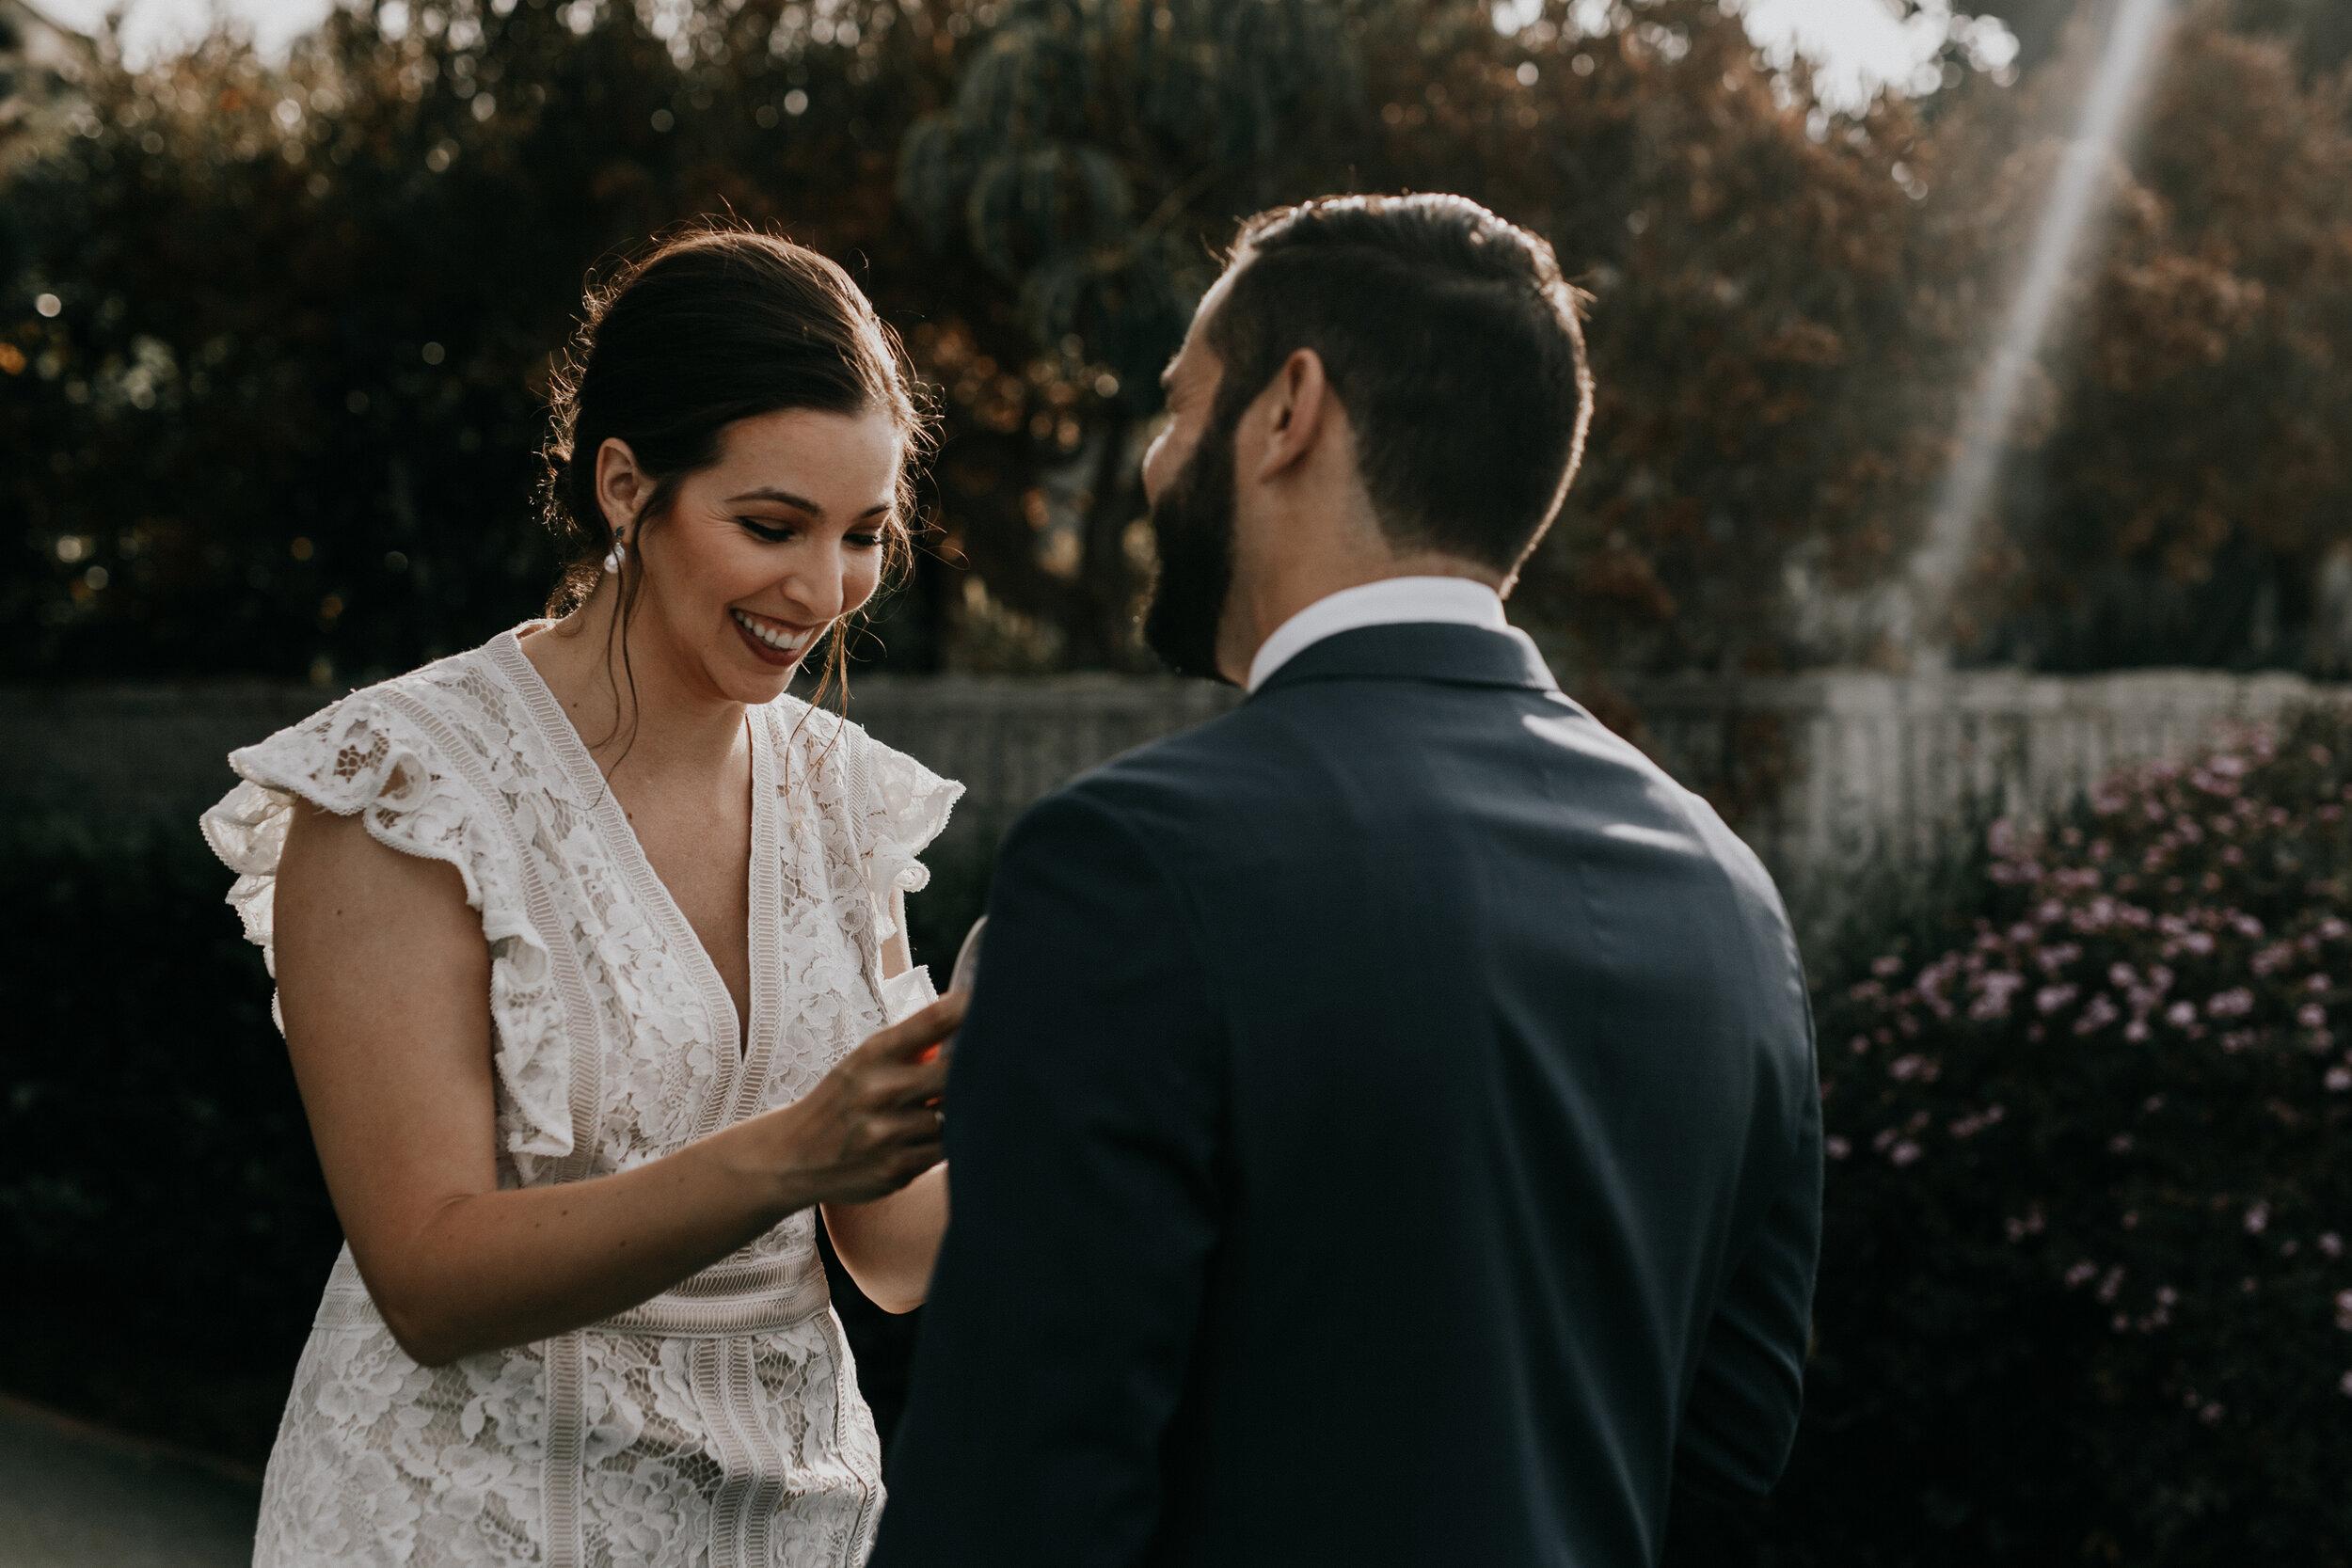 BestweddingphotographerCalifornia.jpg